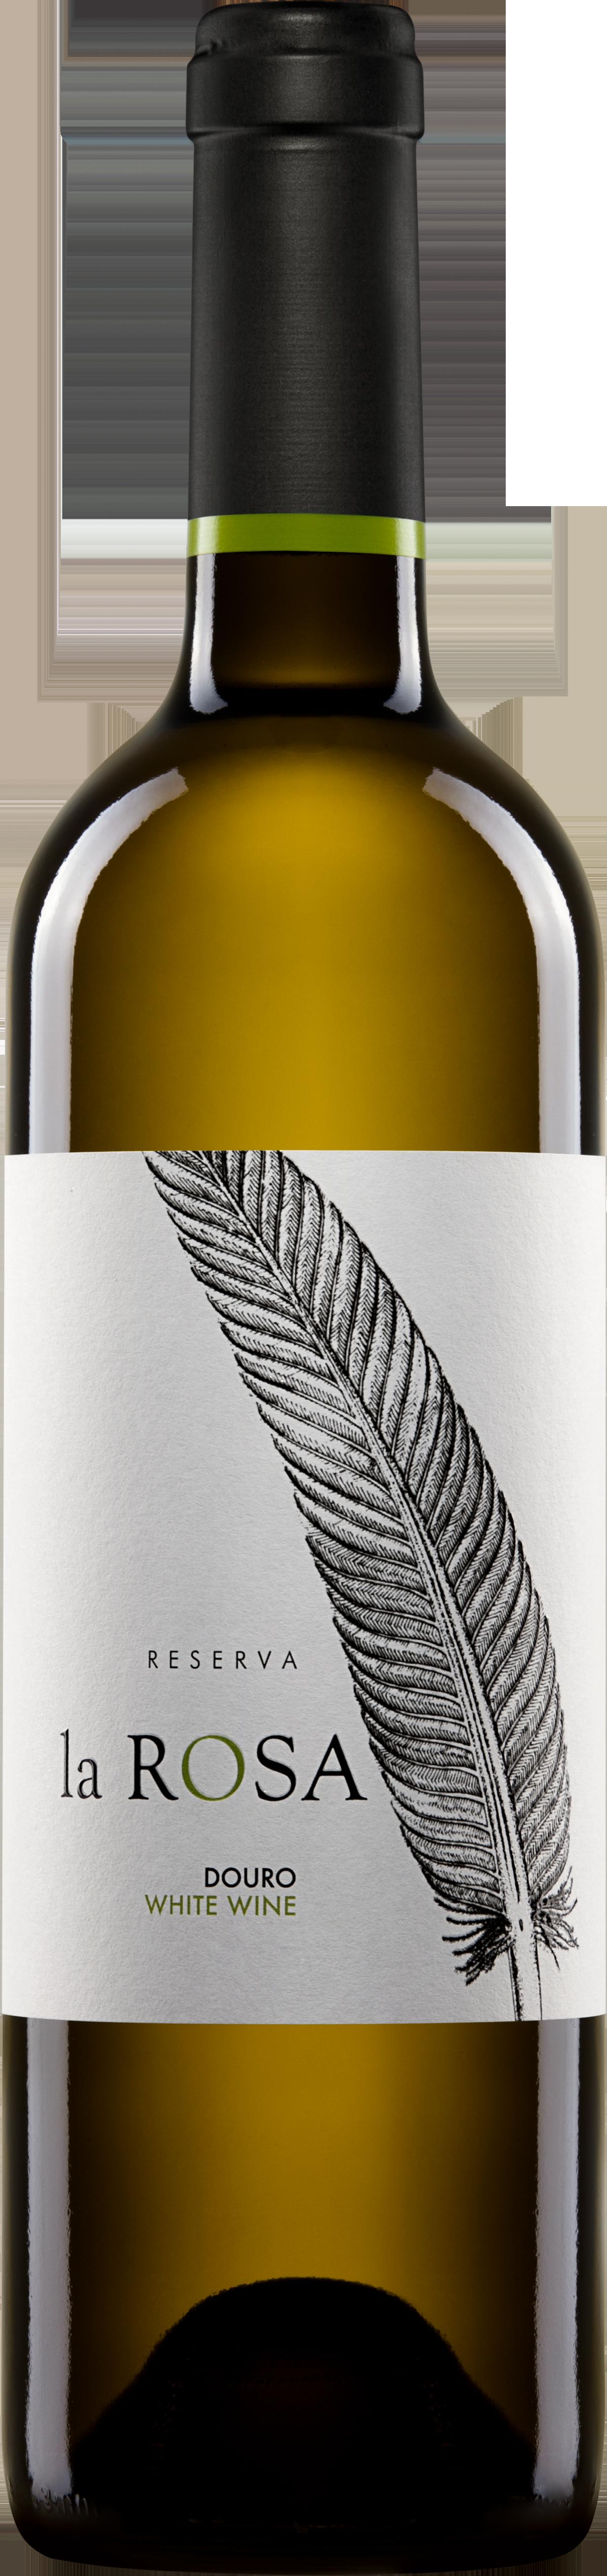 Quinta de la Rosa Reserve white wine 2019